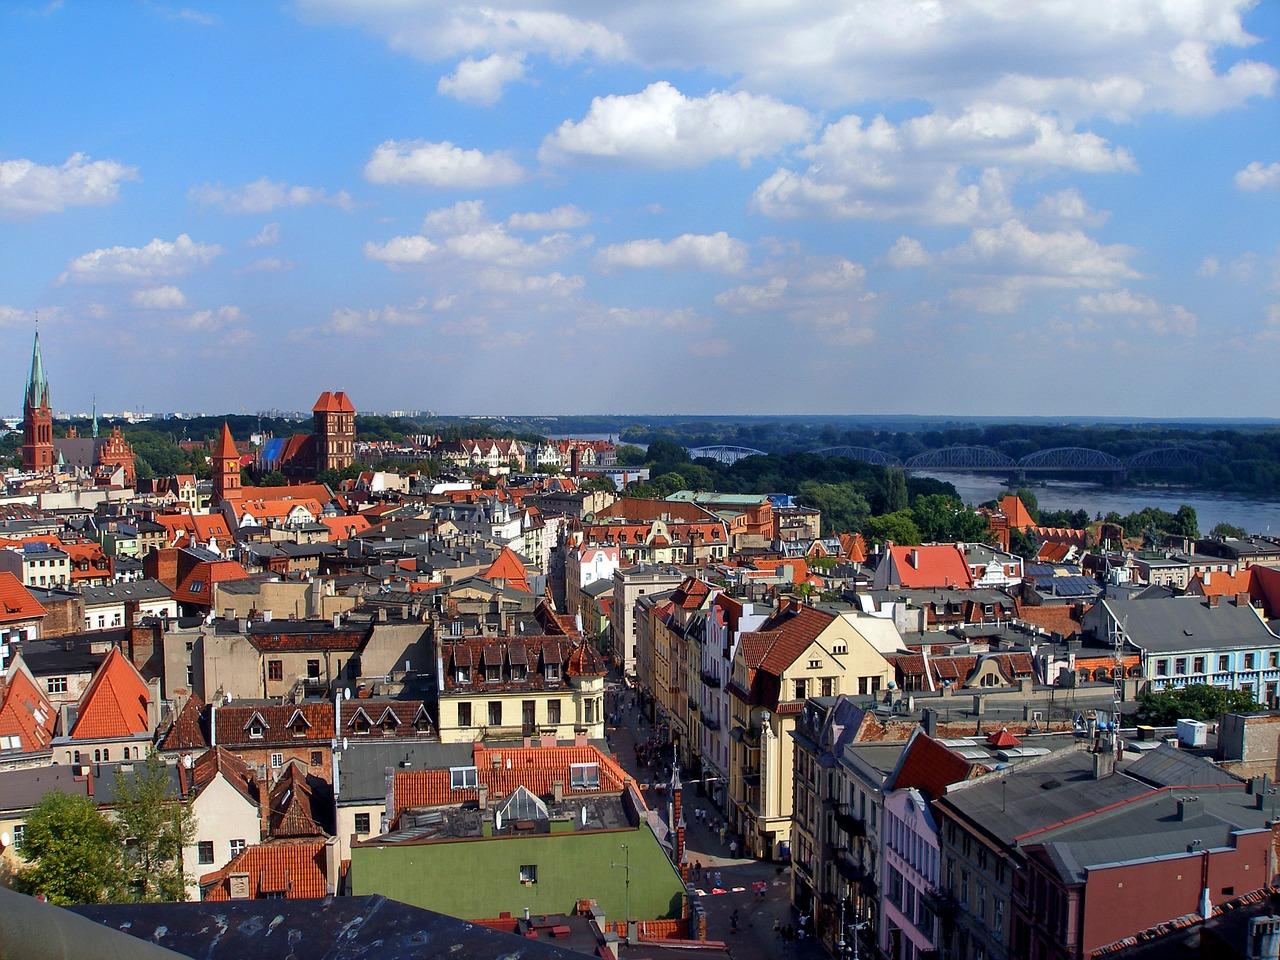 Co warto zobaczyć w Toruniu?